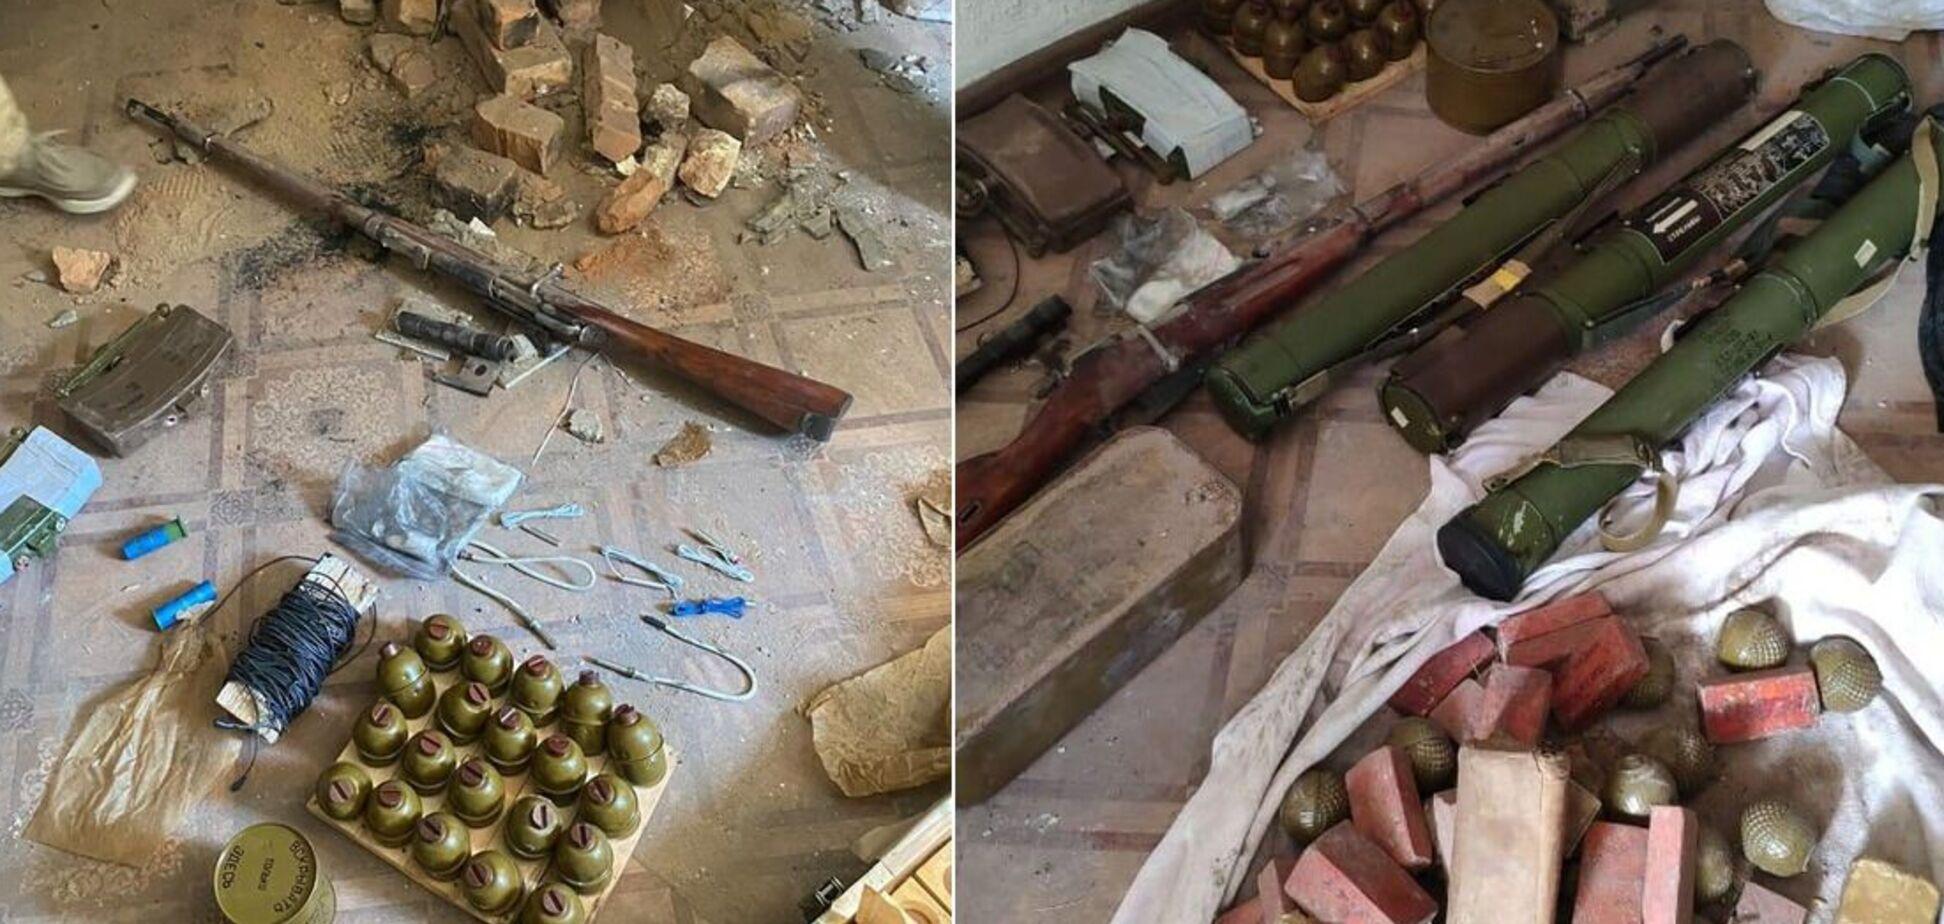 СБУ виявила на Донбасі схрон з боєприпасами та вибухівкою